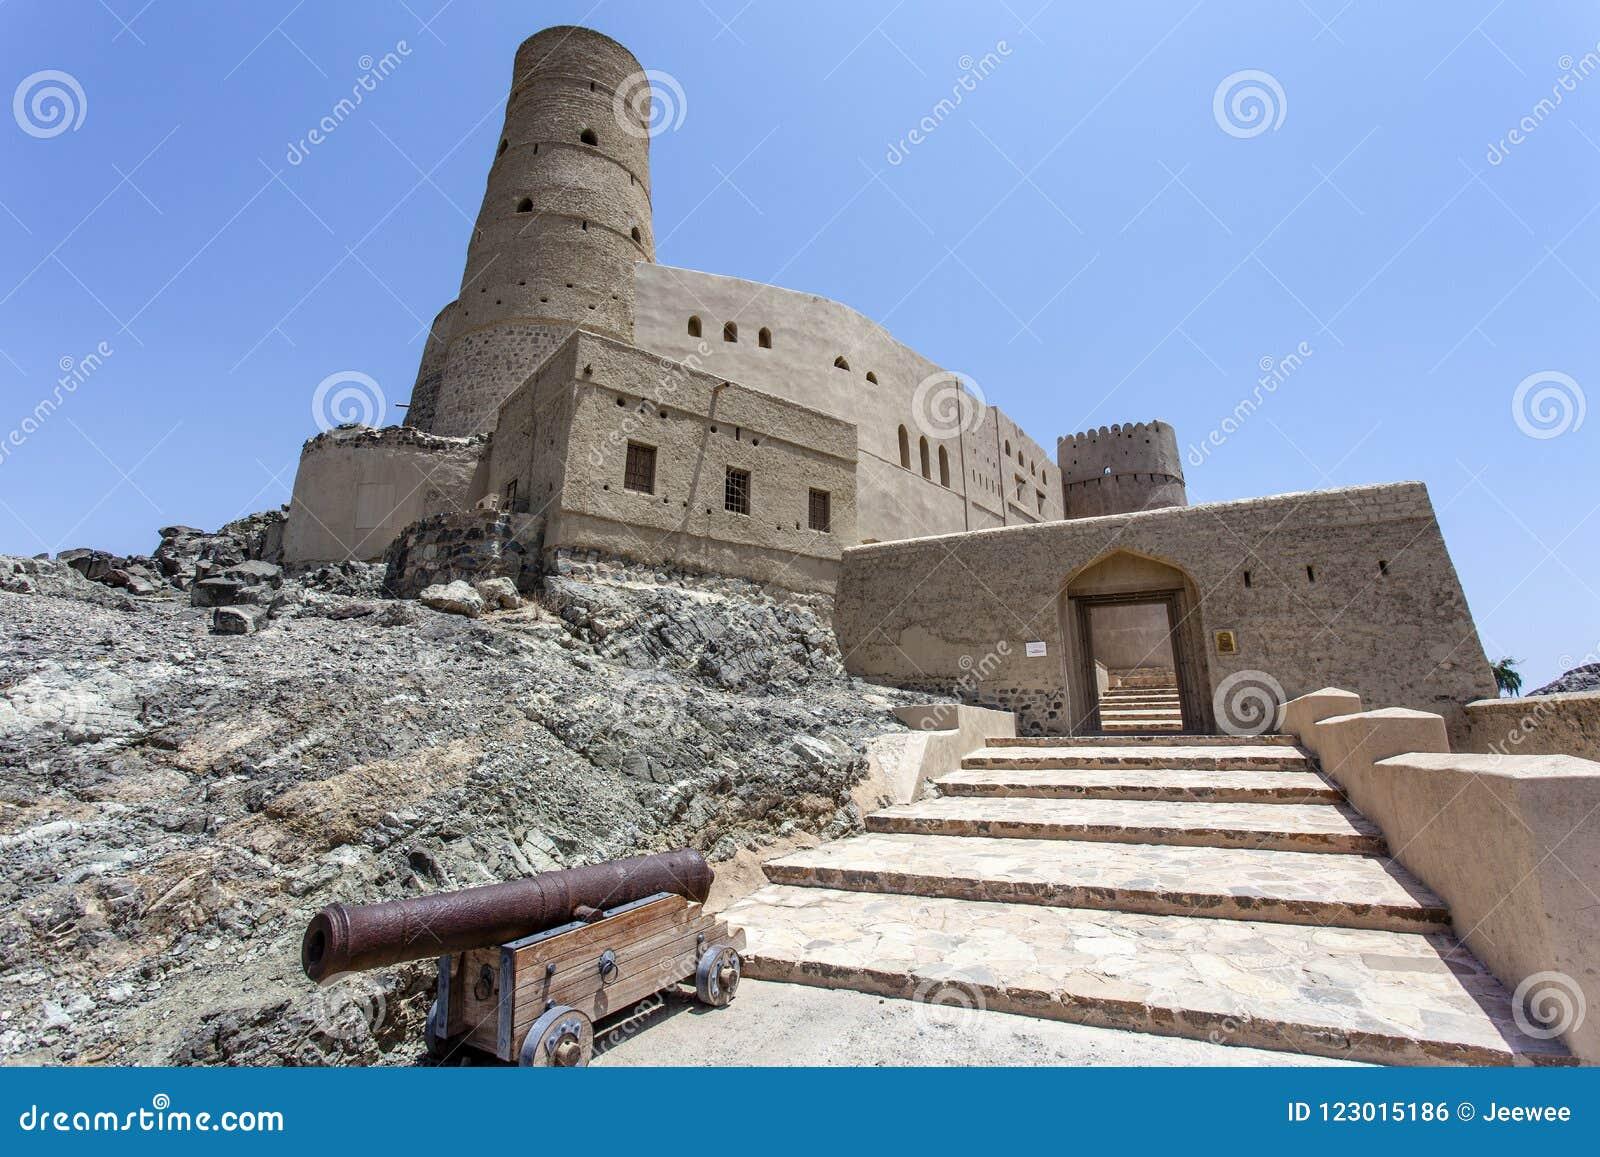 Äußeres von Bahla-Fort in Bahla, Oman, Mittlere Osten